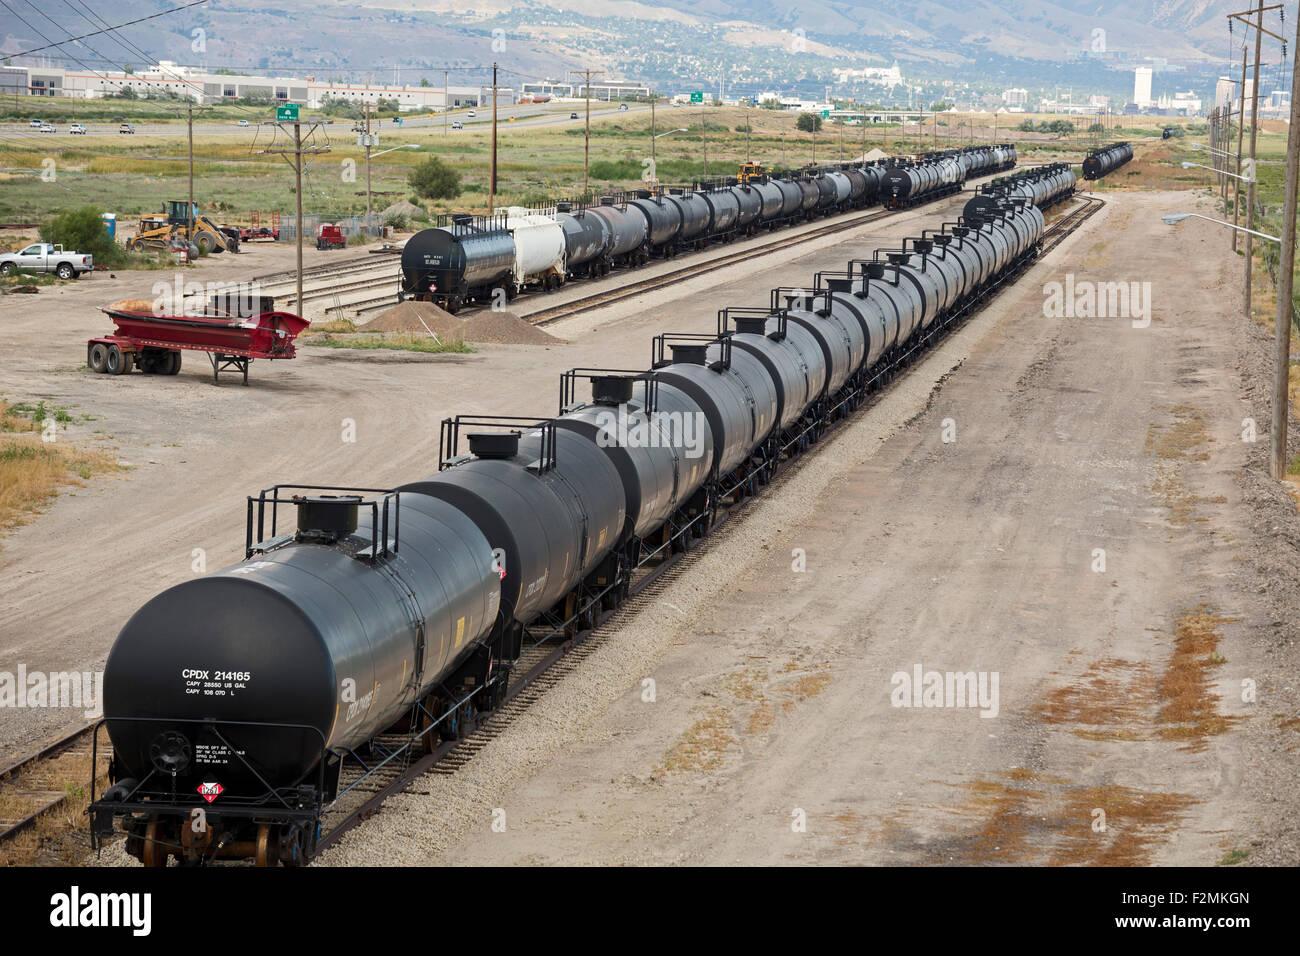 Salt Lake City, Utah - Rail cars carrying crude oil. - Stock Image